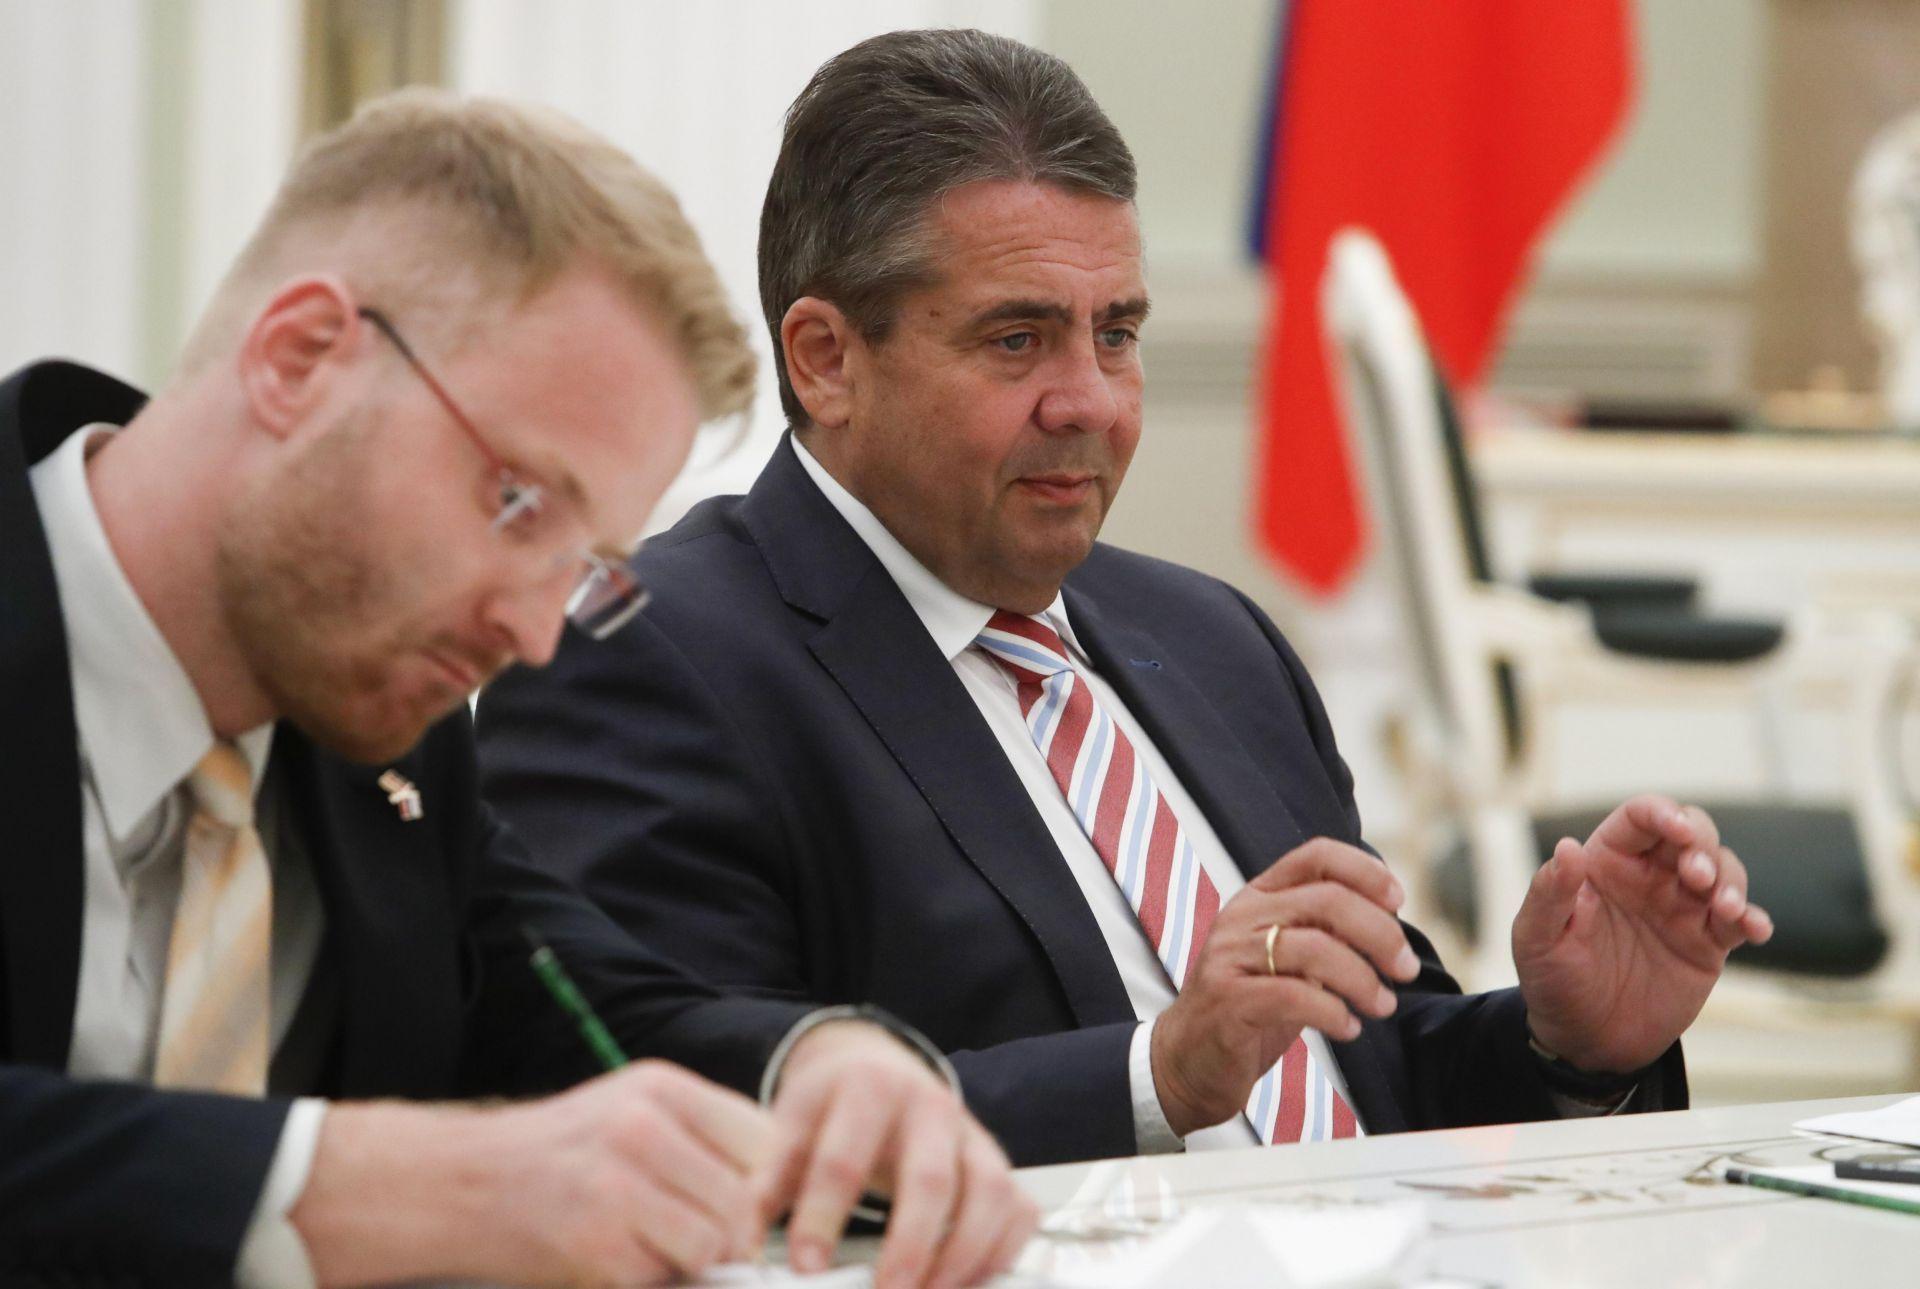 El ministro de Exteriores alemán, Sigmar Gabriel